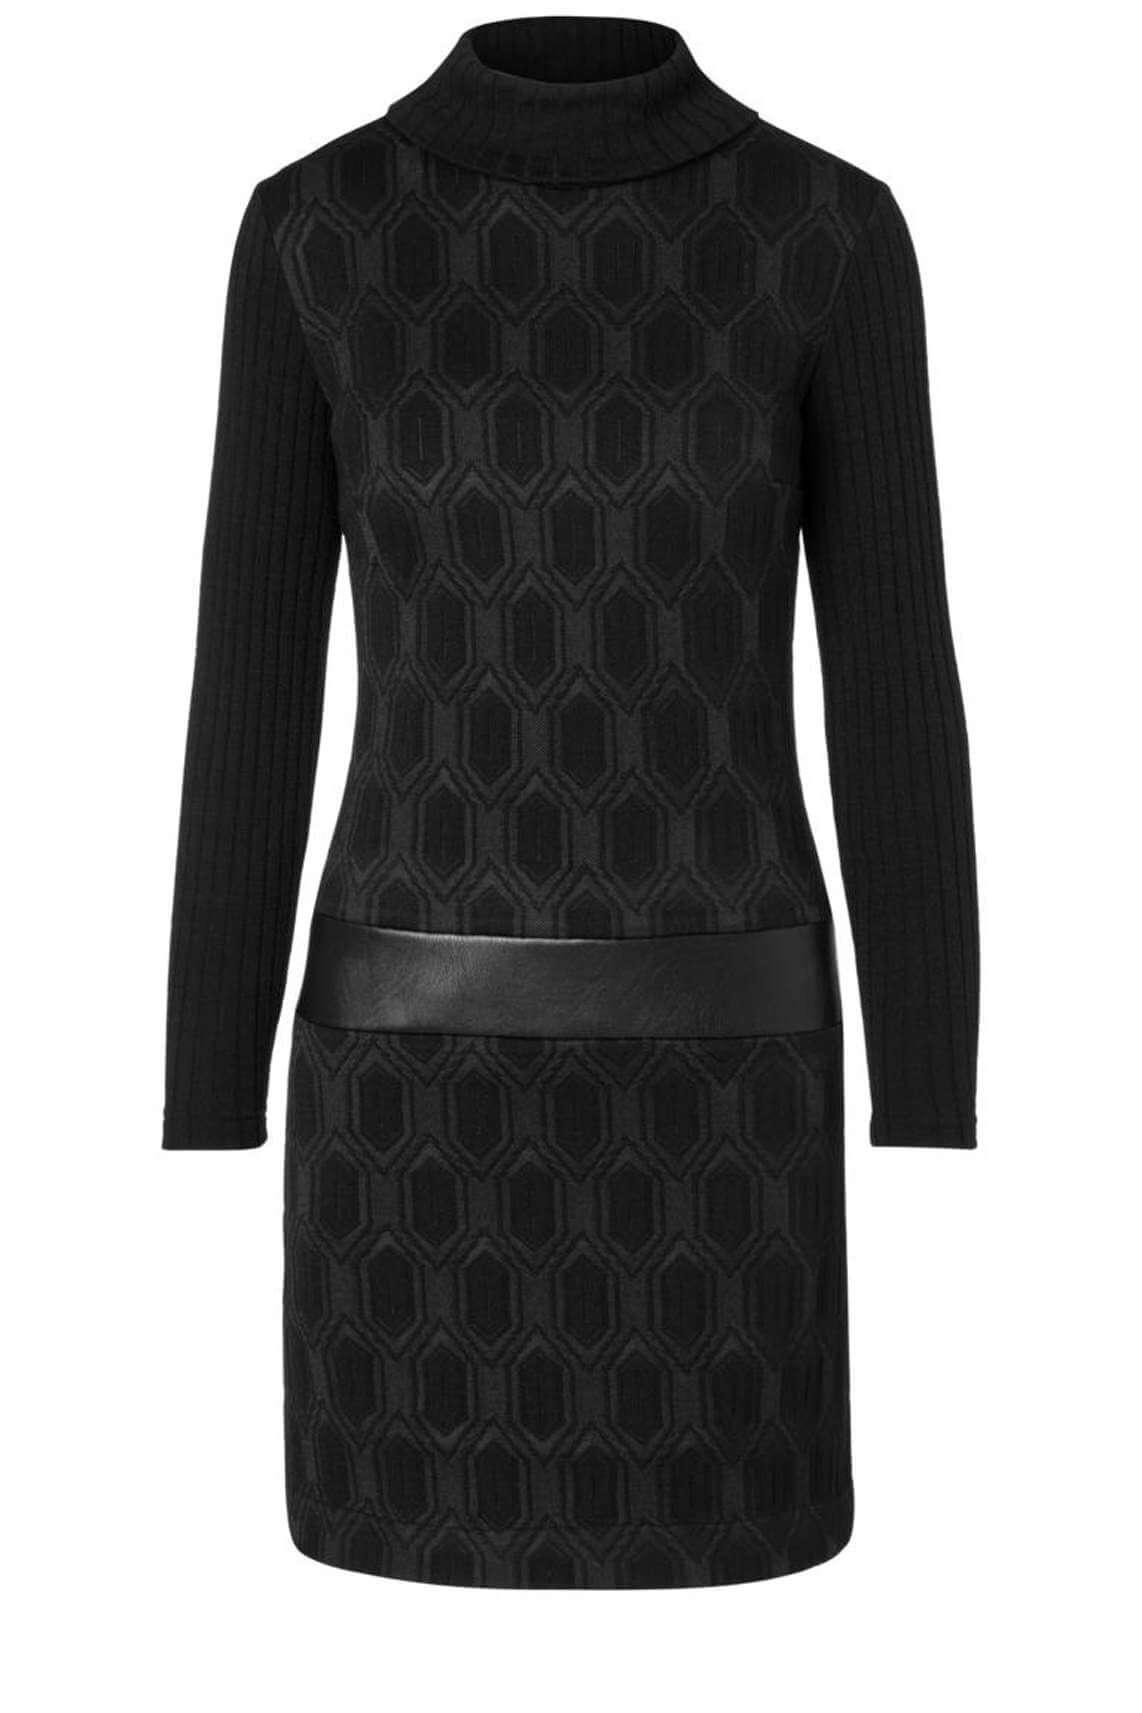 Ana Alcazar Dames Jurk met gedrukt patroon zwart